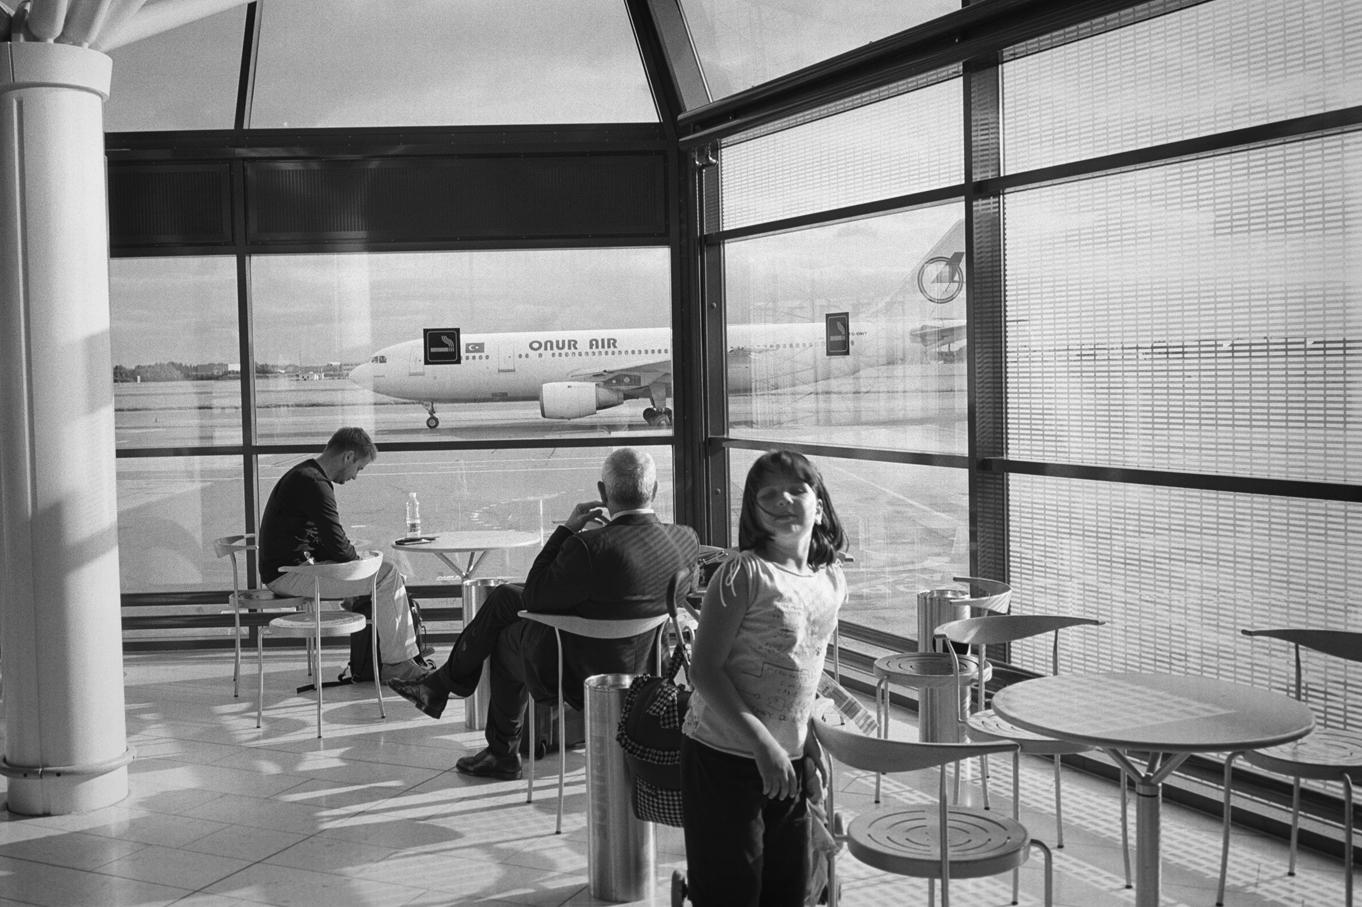 Departures 2003